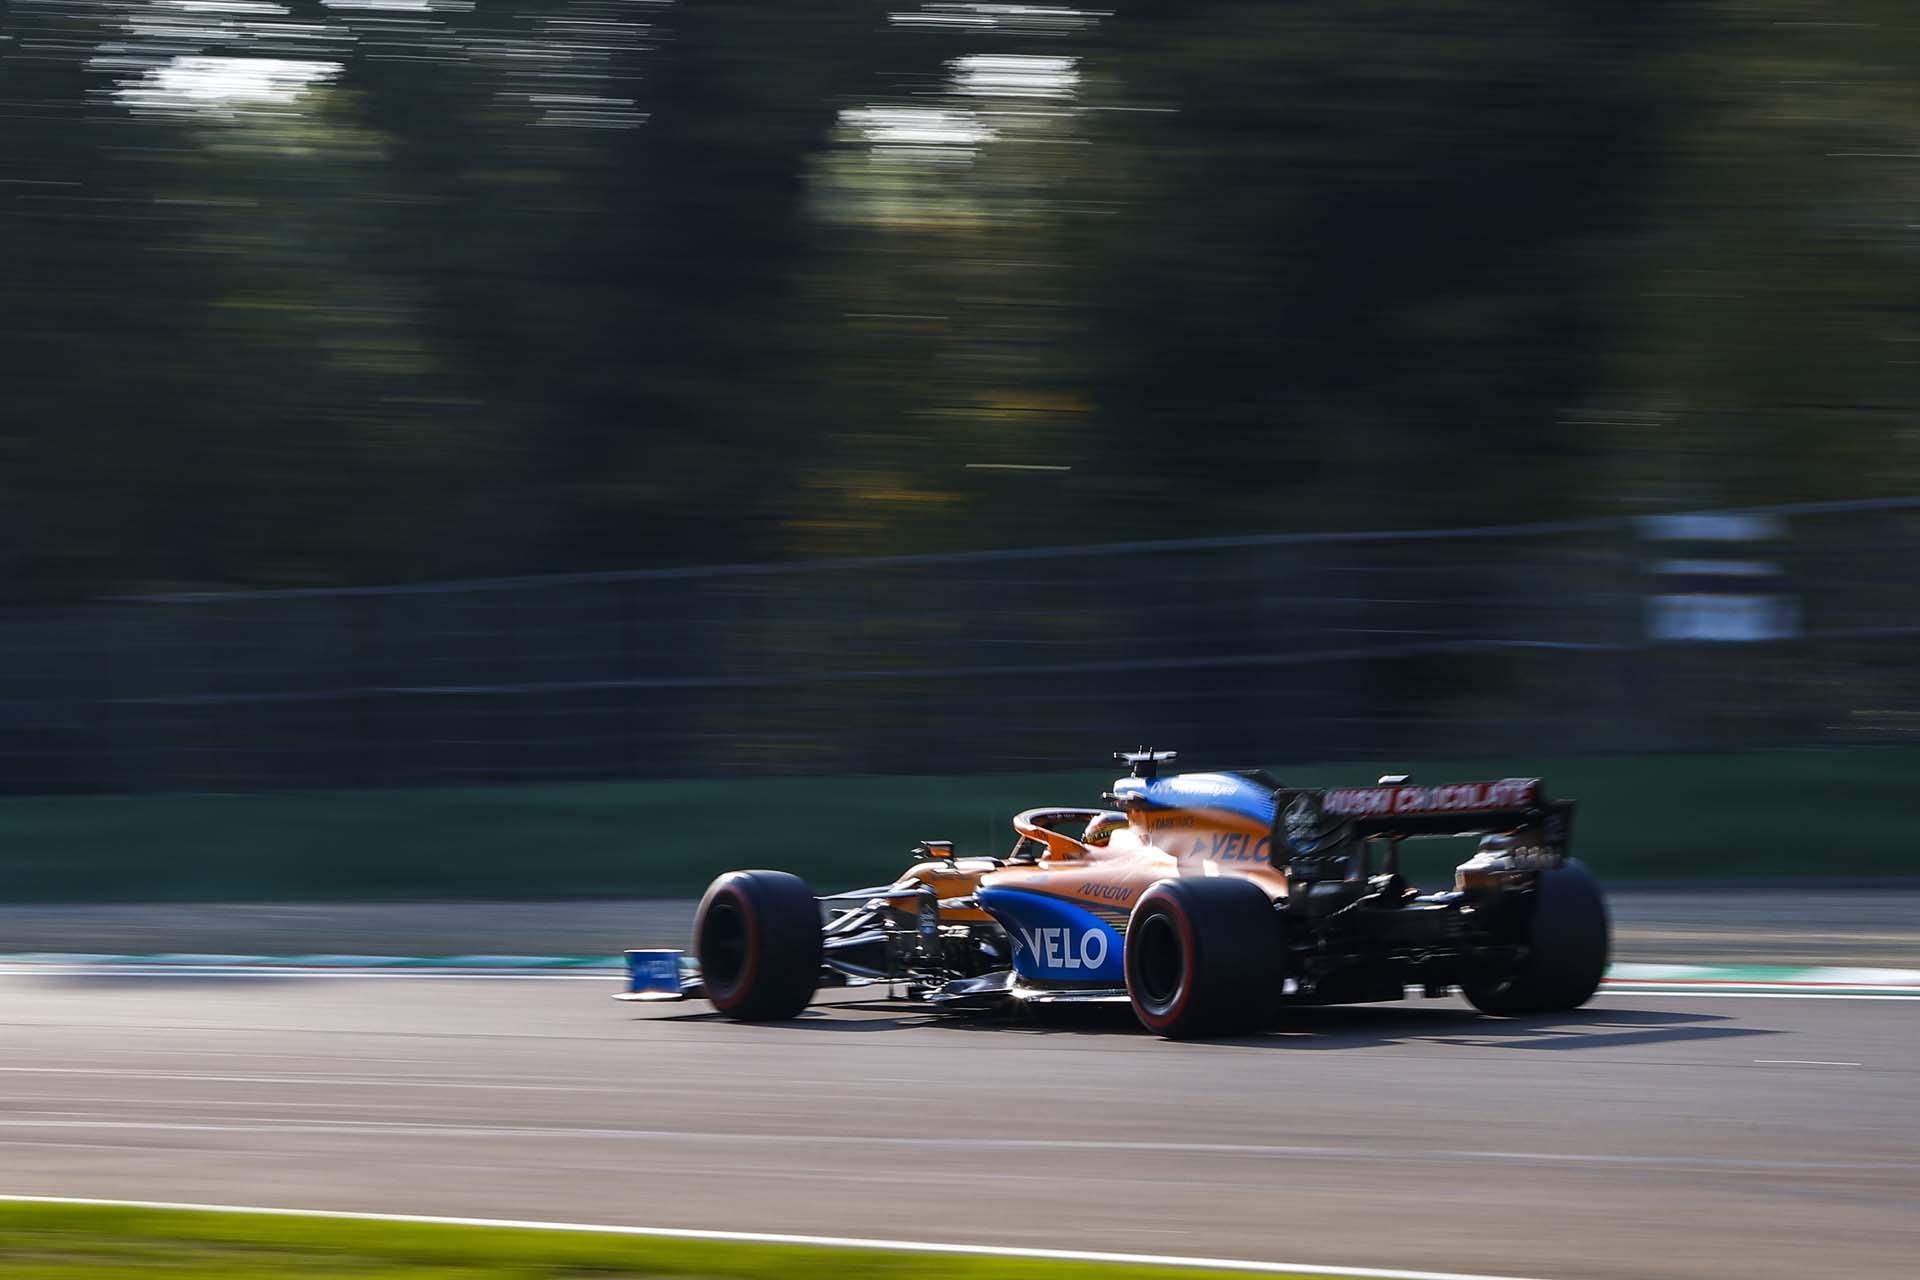 Carlos Sainz, McLaren MCL35, exits a corner